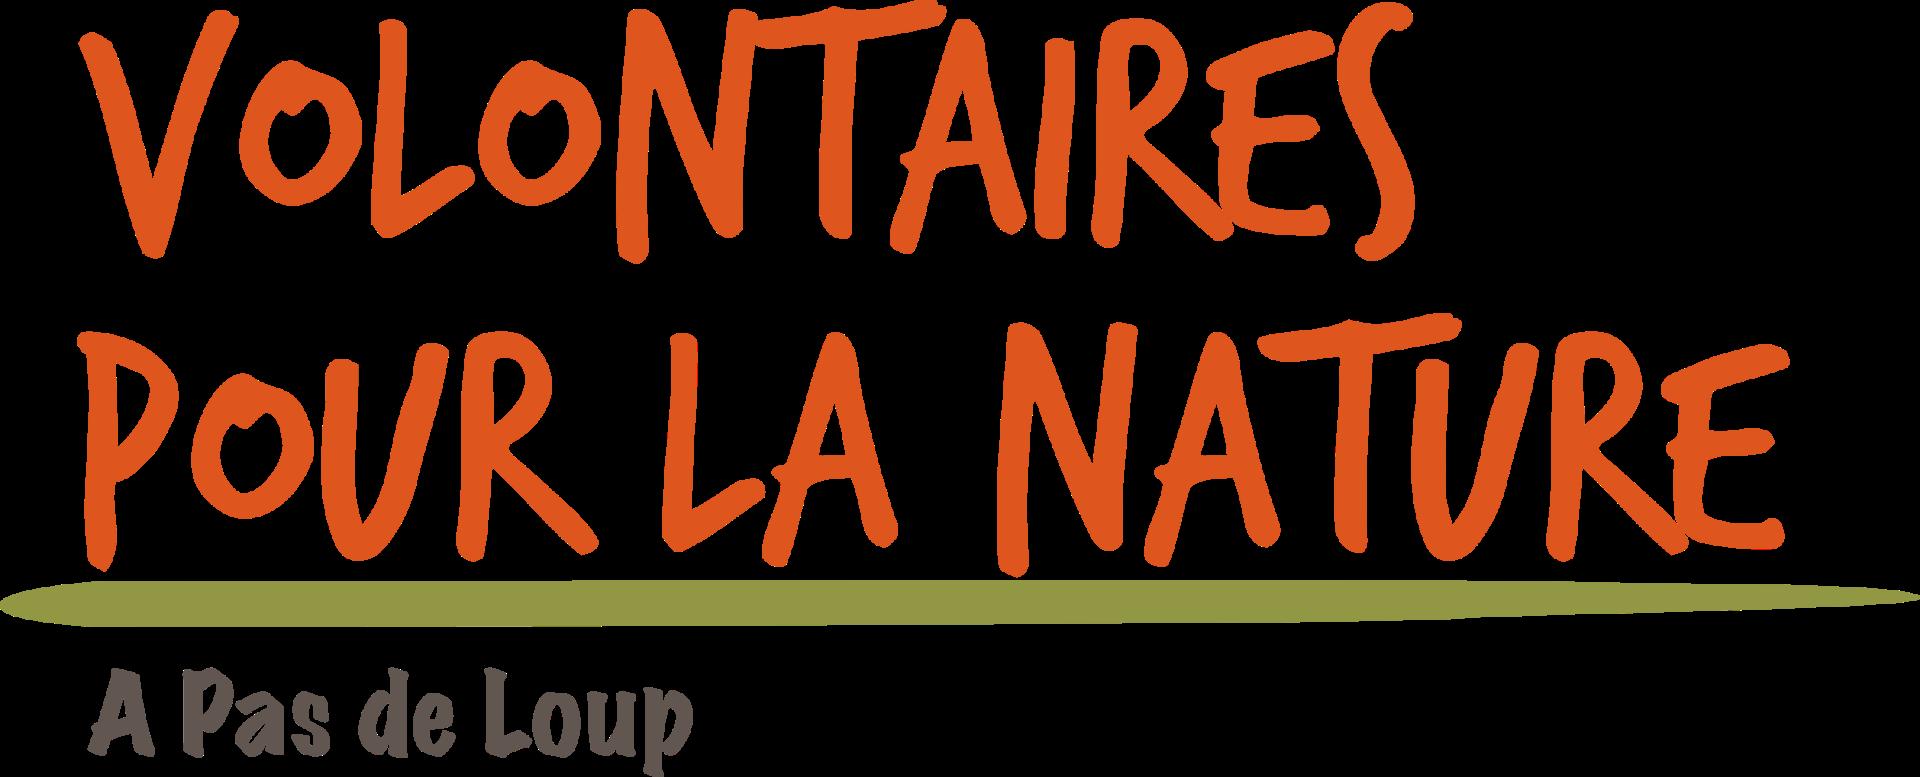 Association - Volontaires Pour la Nature, A Pas de Loup